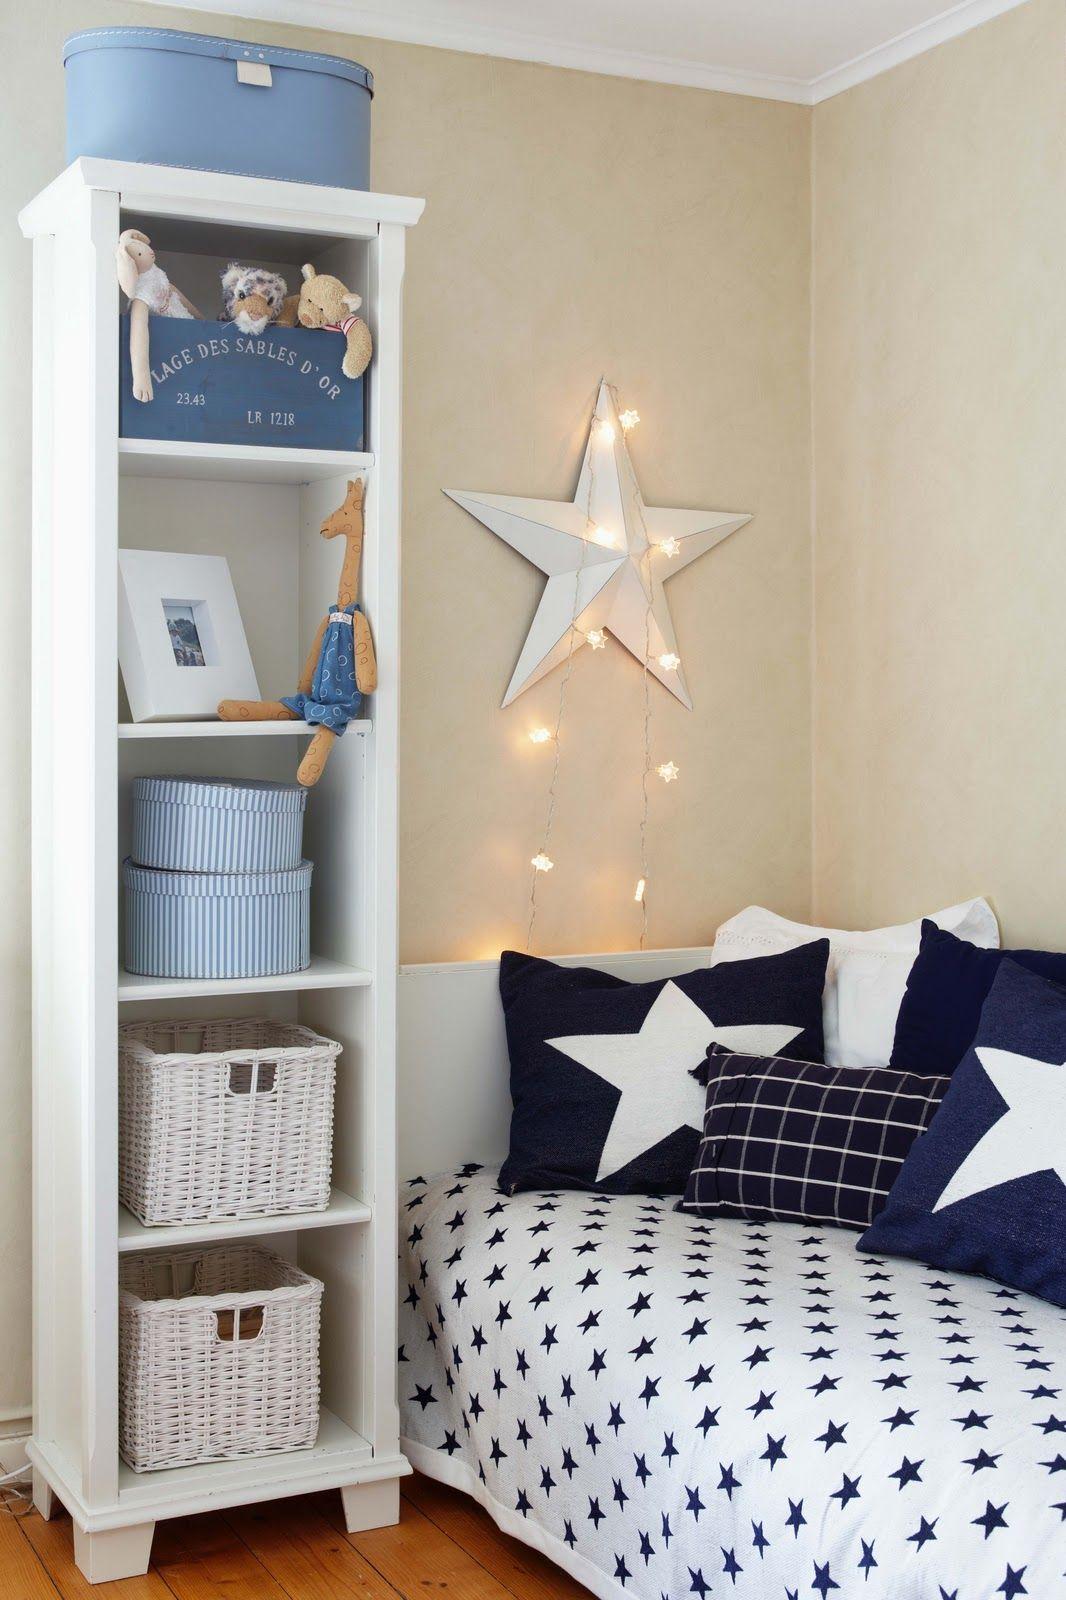 stars kinderzimmer kinderzimmer babyzimmer kidsroom. Black Bedroom Furniture Sets. Home Design Ideas